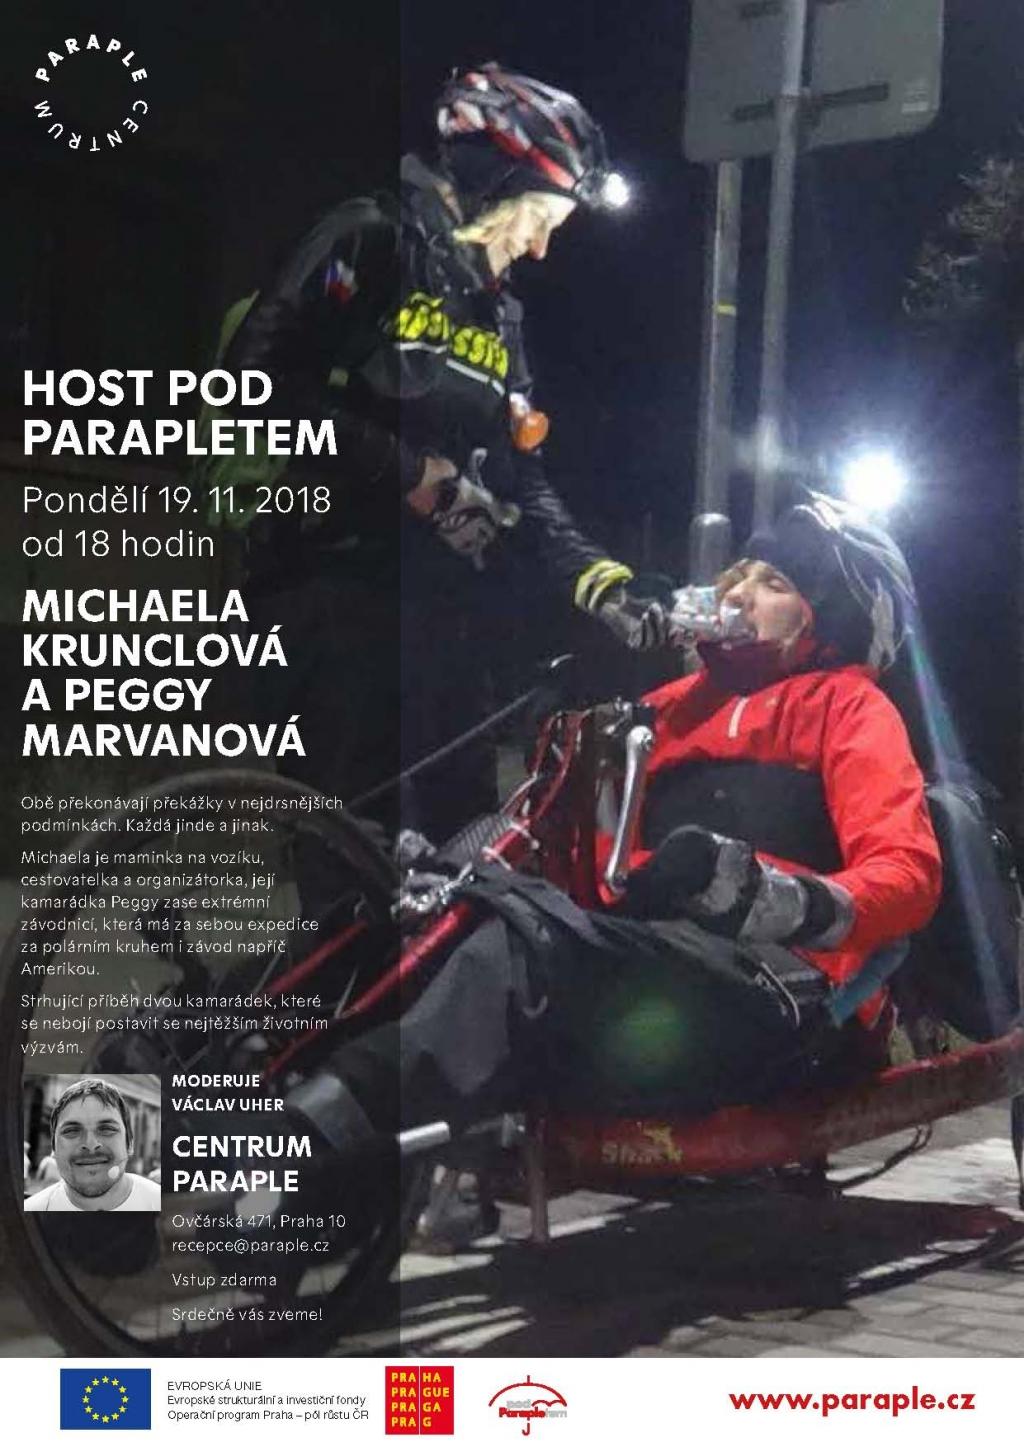 Host Pod Parapletem: MICHAELA KRUNCLOVÁ A PEGGY MARVANOVÁ